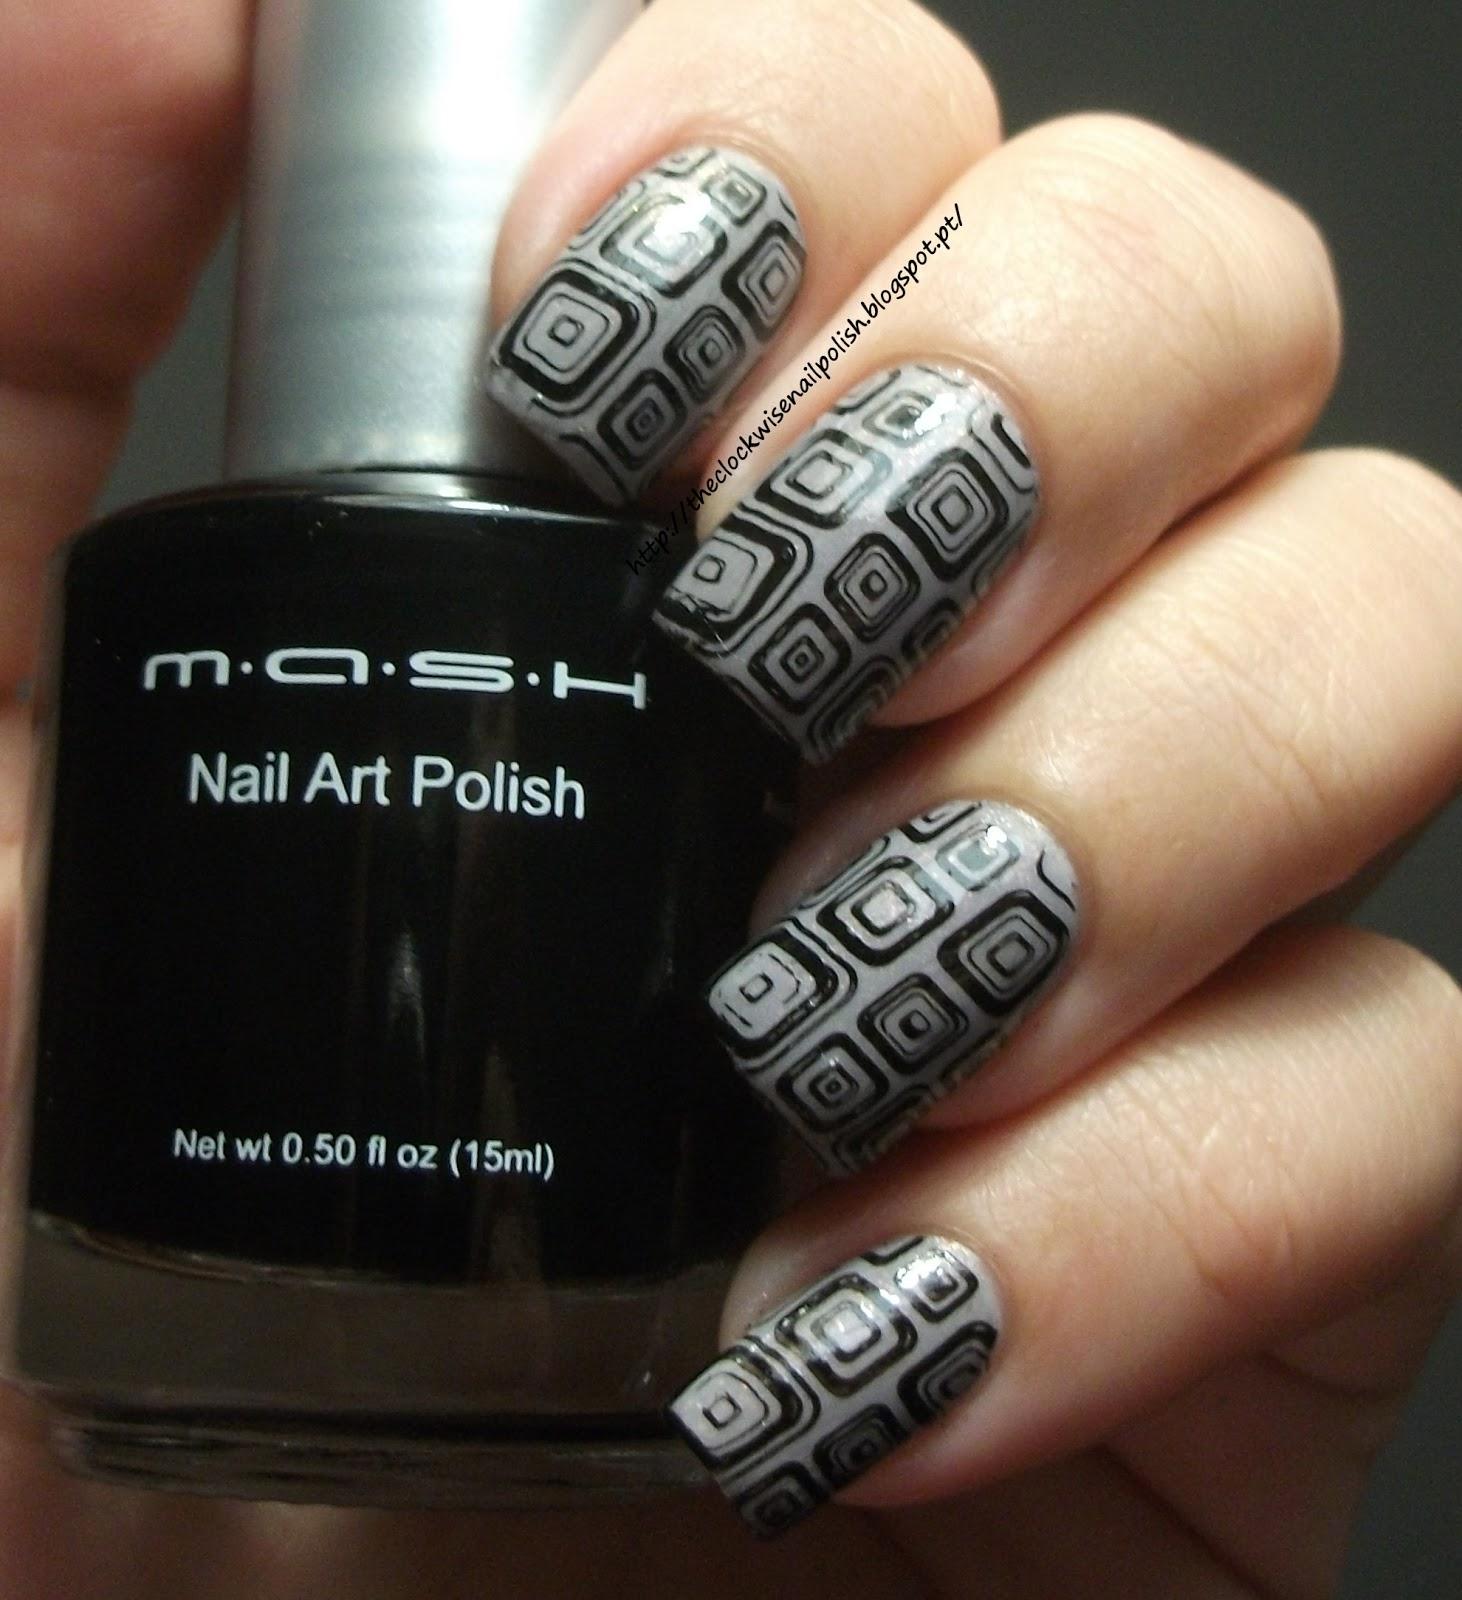 Nail art using black polish : Nail polish review mash art for stamping black